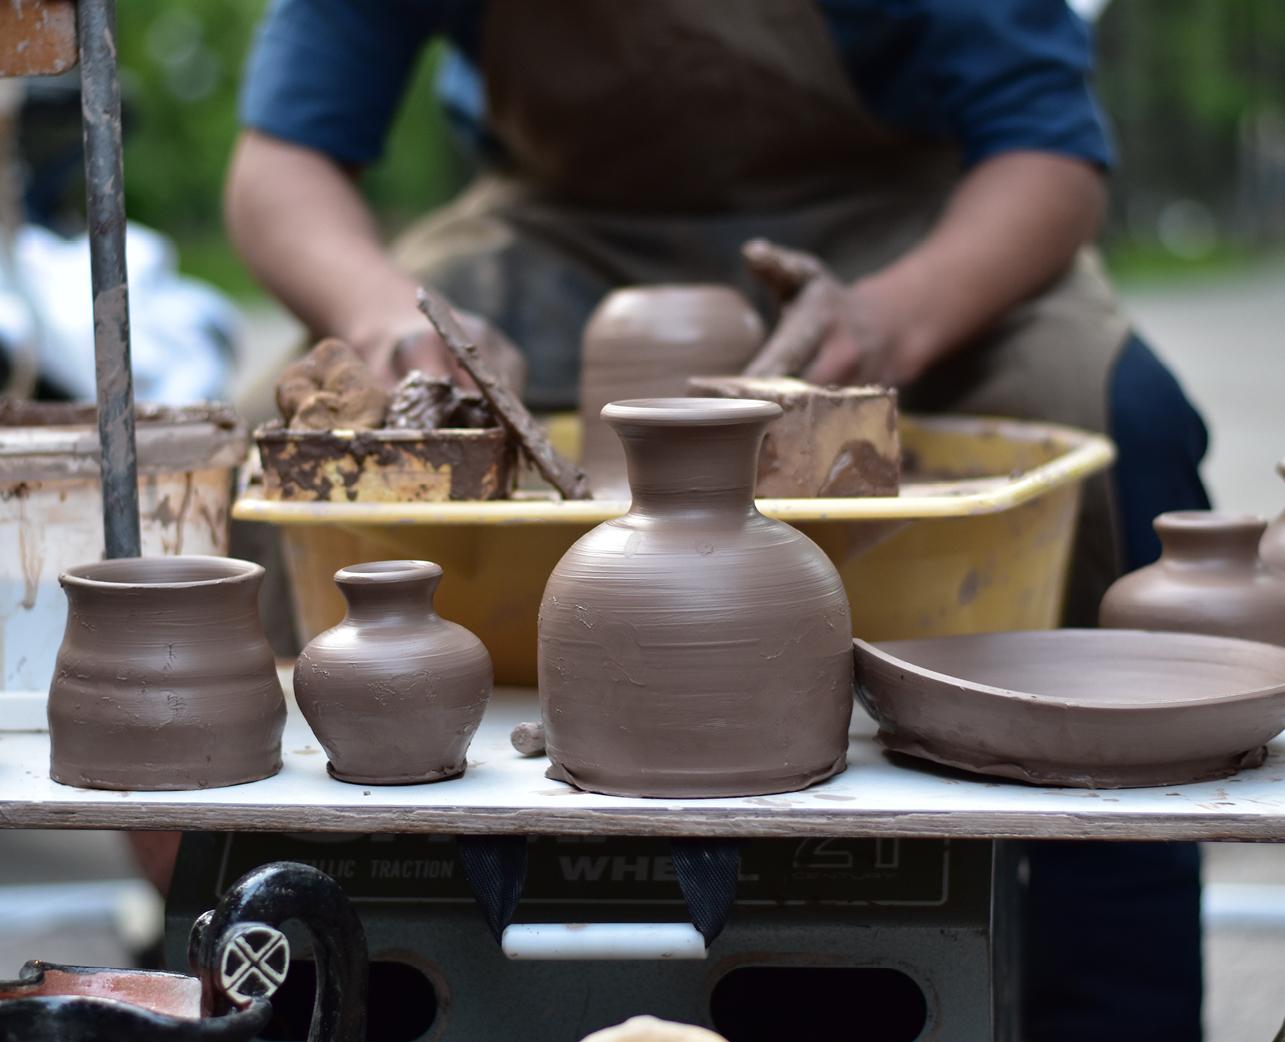 Pottery Society